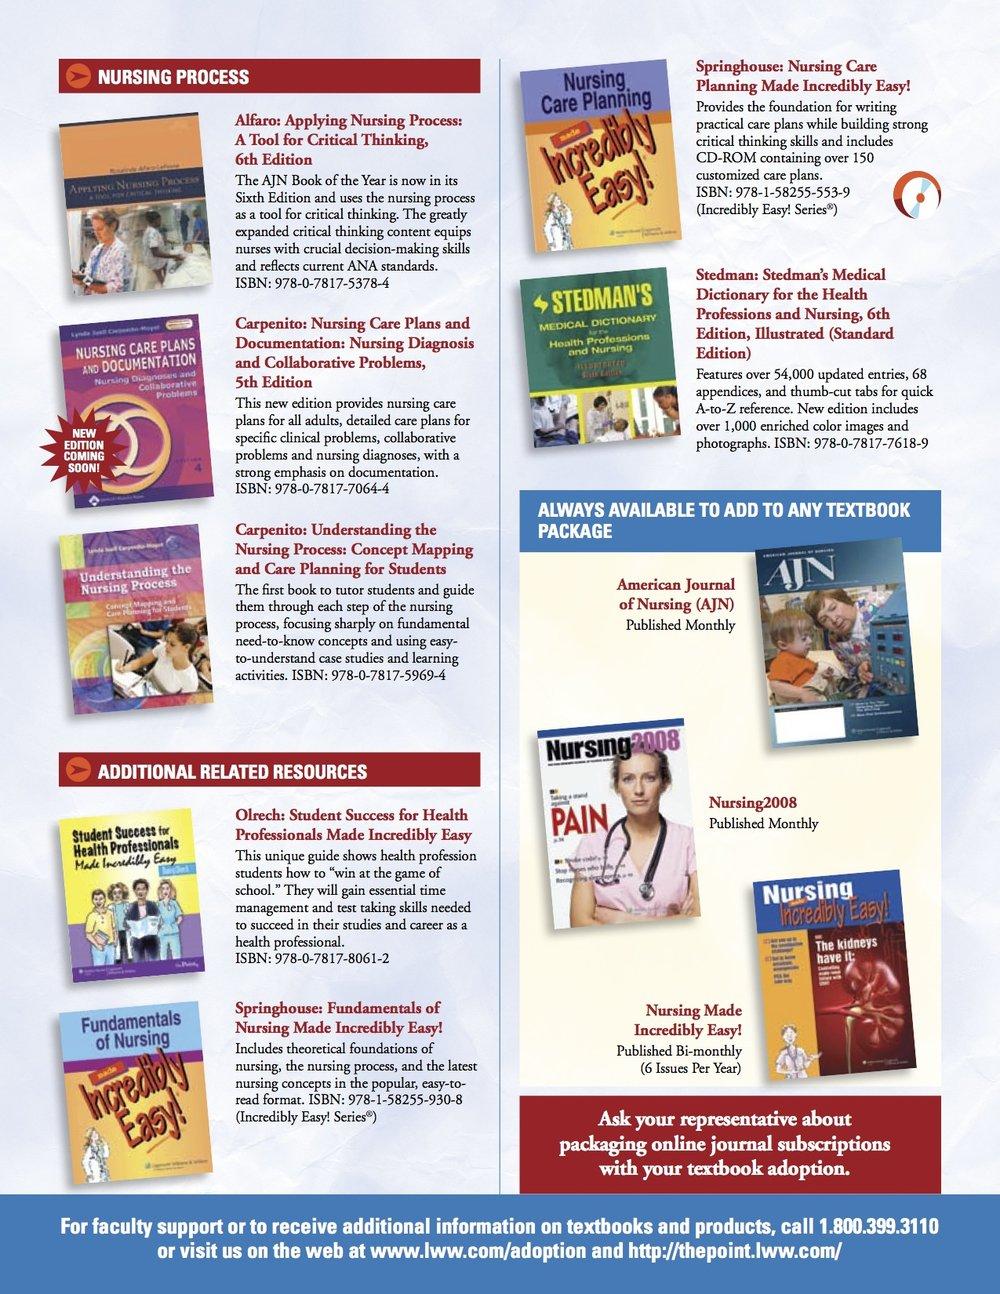 Nursing-Fundamentals-Brochure-4.jpg